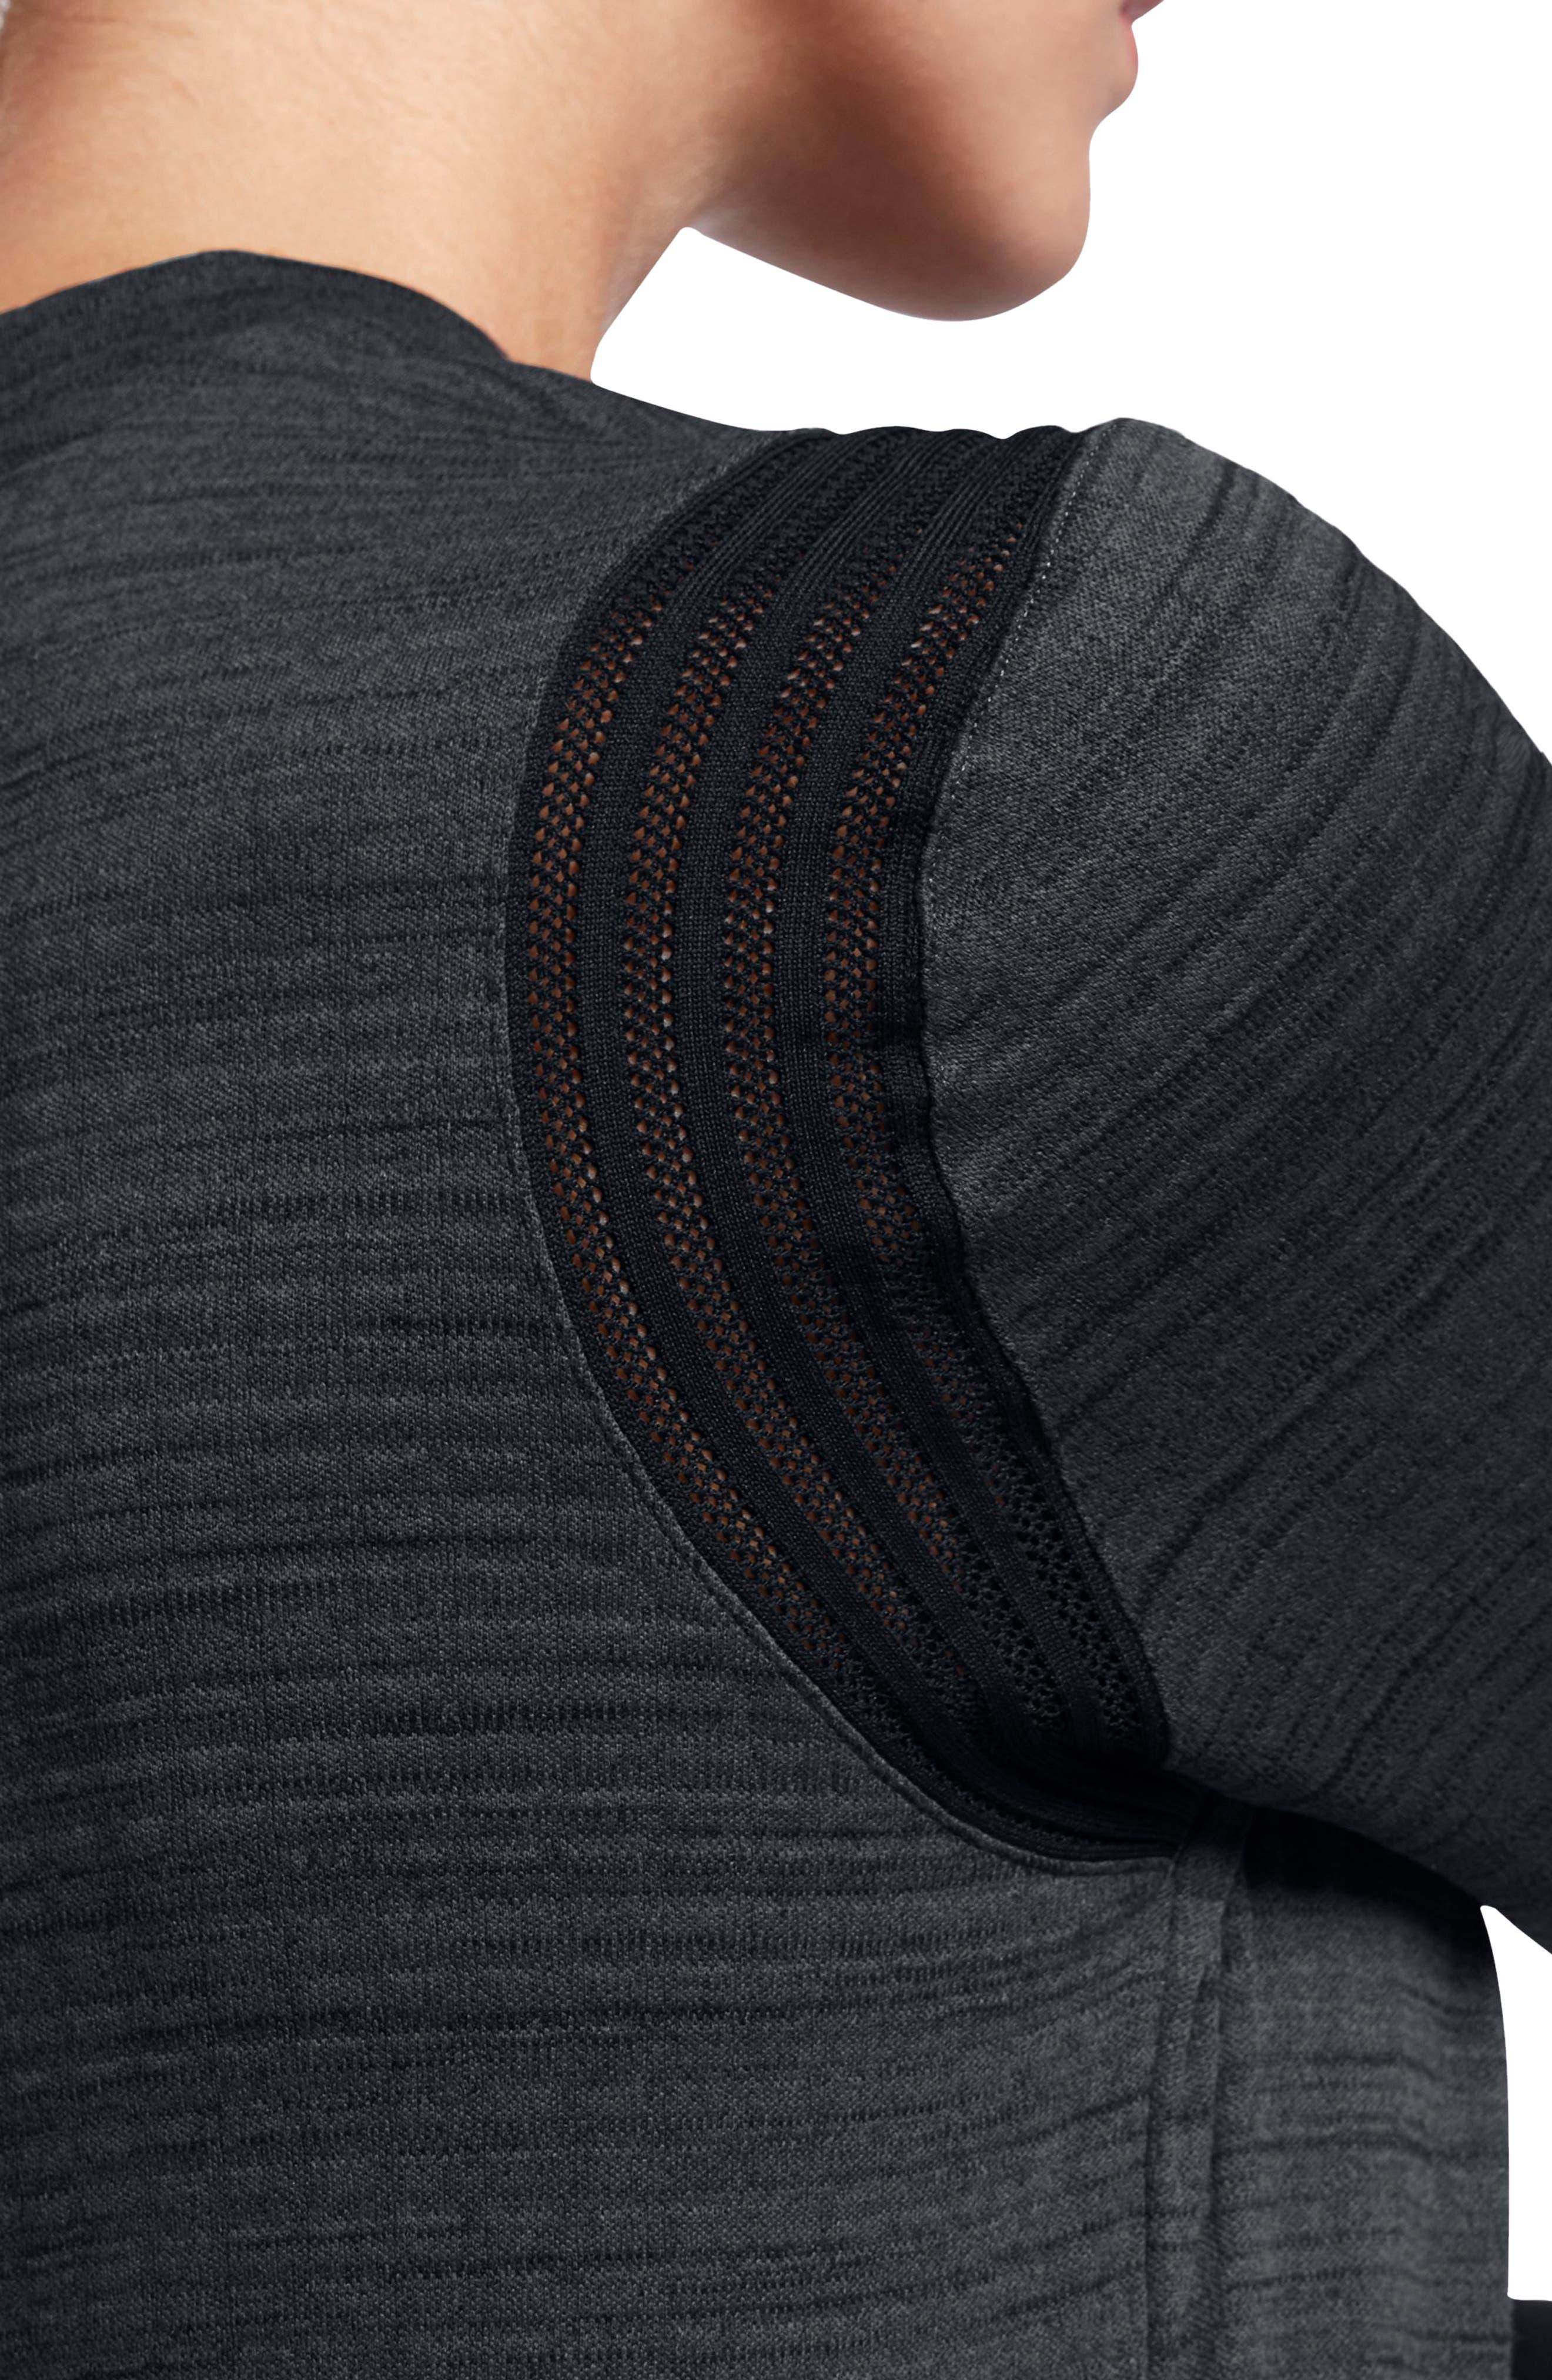 Alternate Image 4  - Nike Therma Sphere Long Sleeve Top